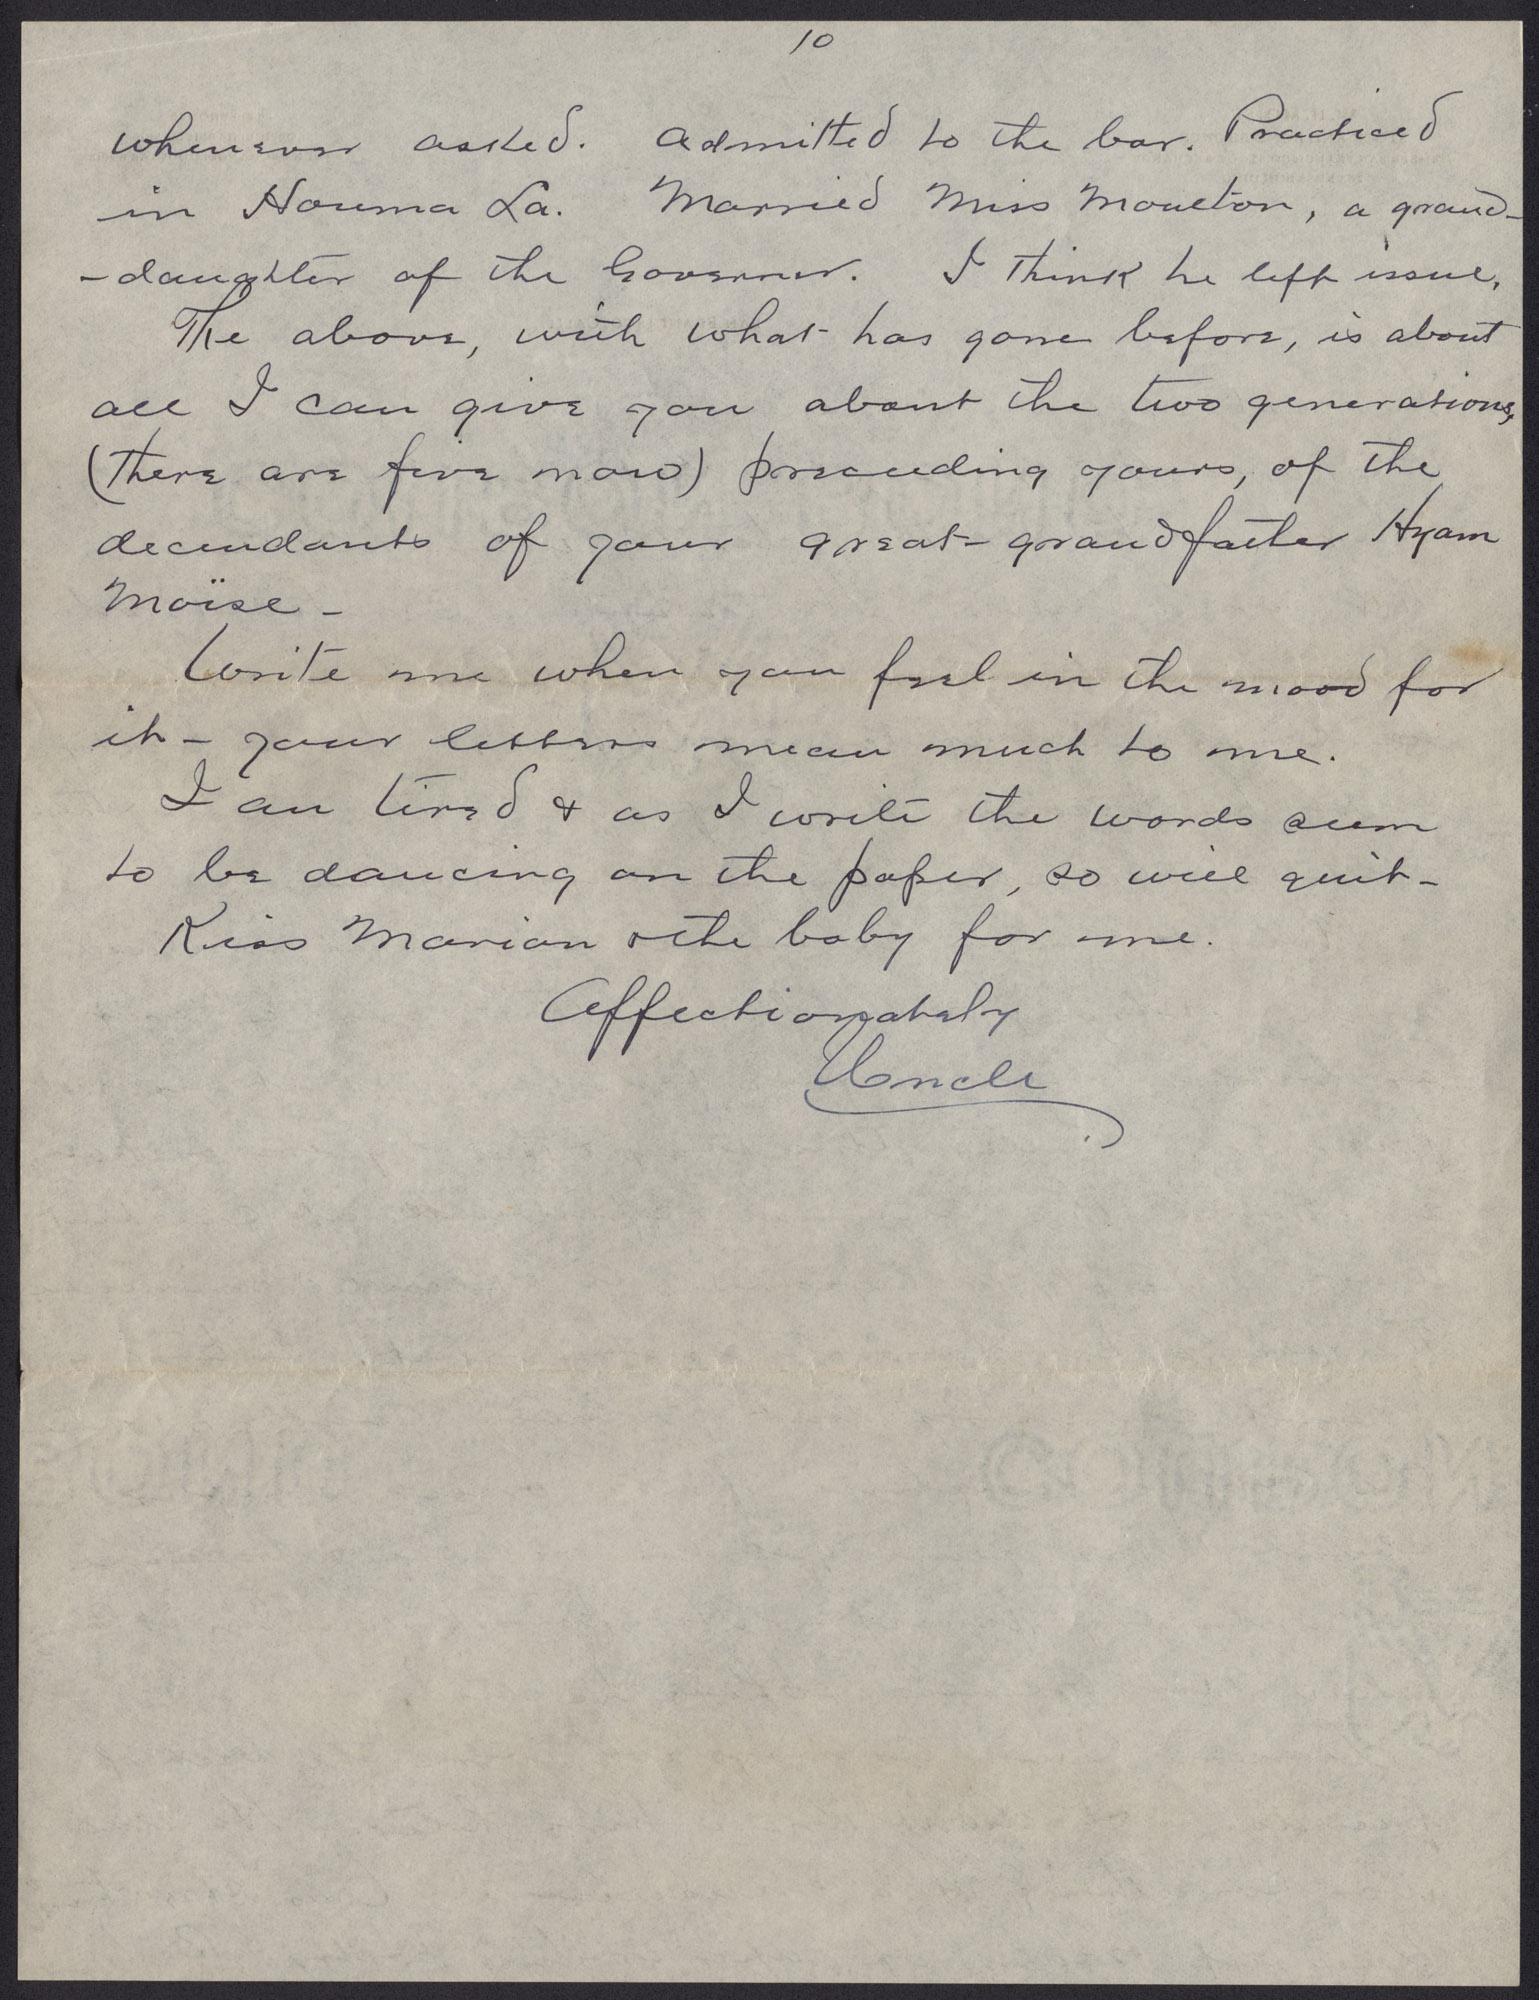 Letters from Warren Hubert Moise to Edwin Warren Moise, Page 10